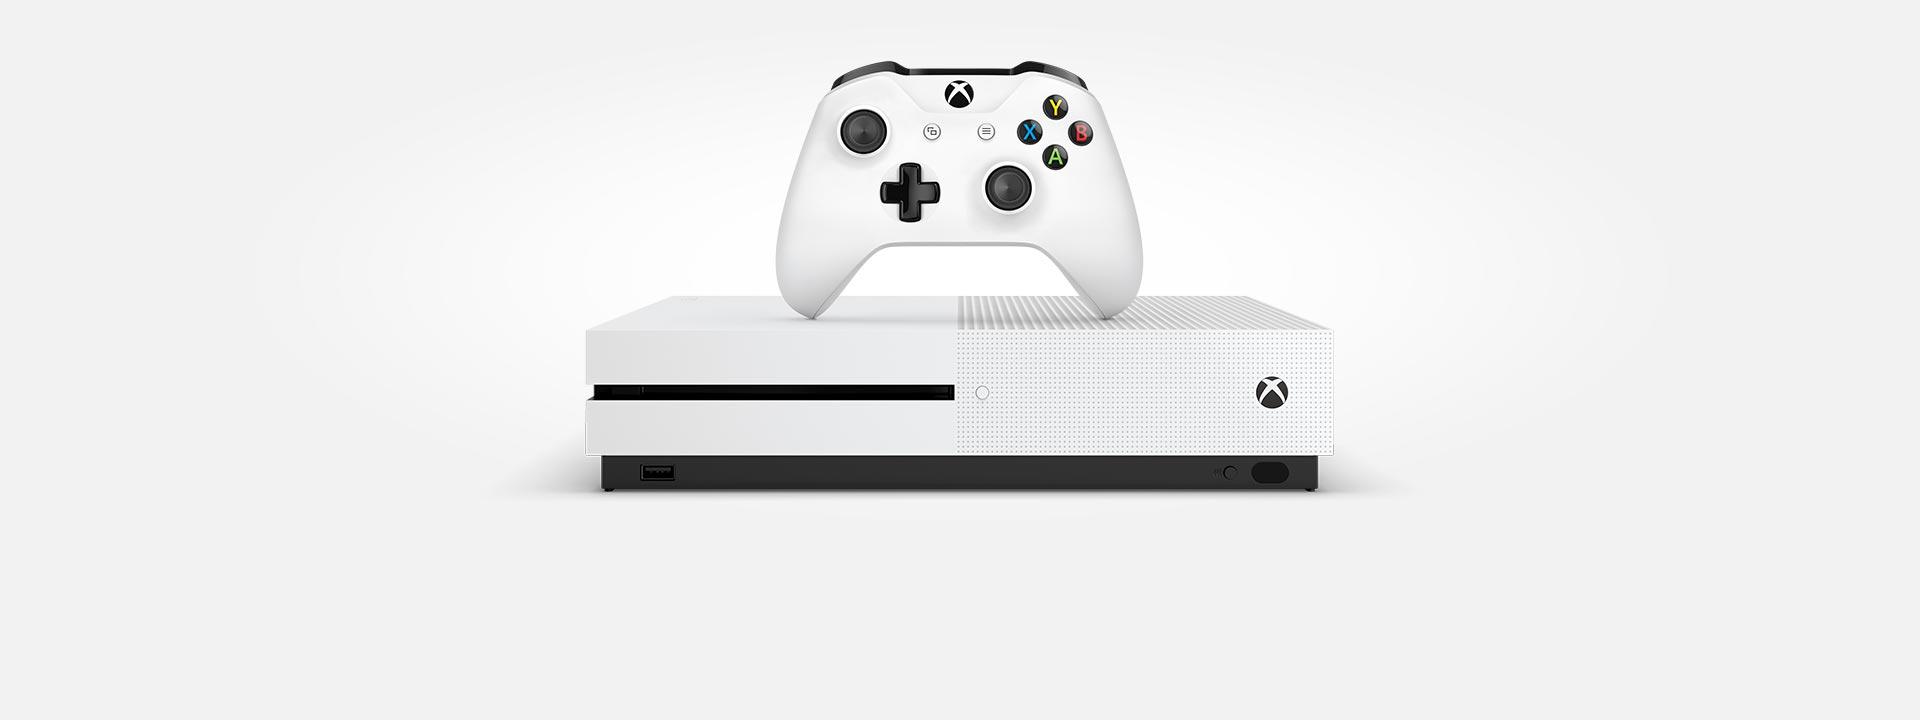 Xbox One S -konsoli ja -ohjain, osta nyt